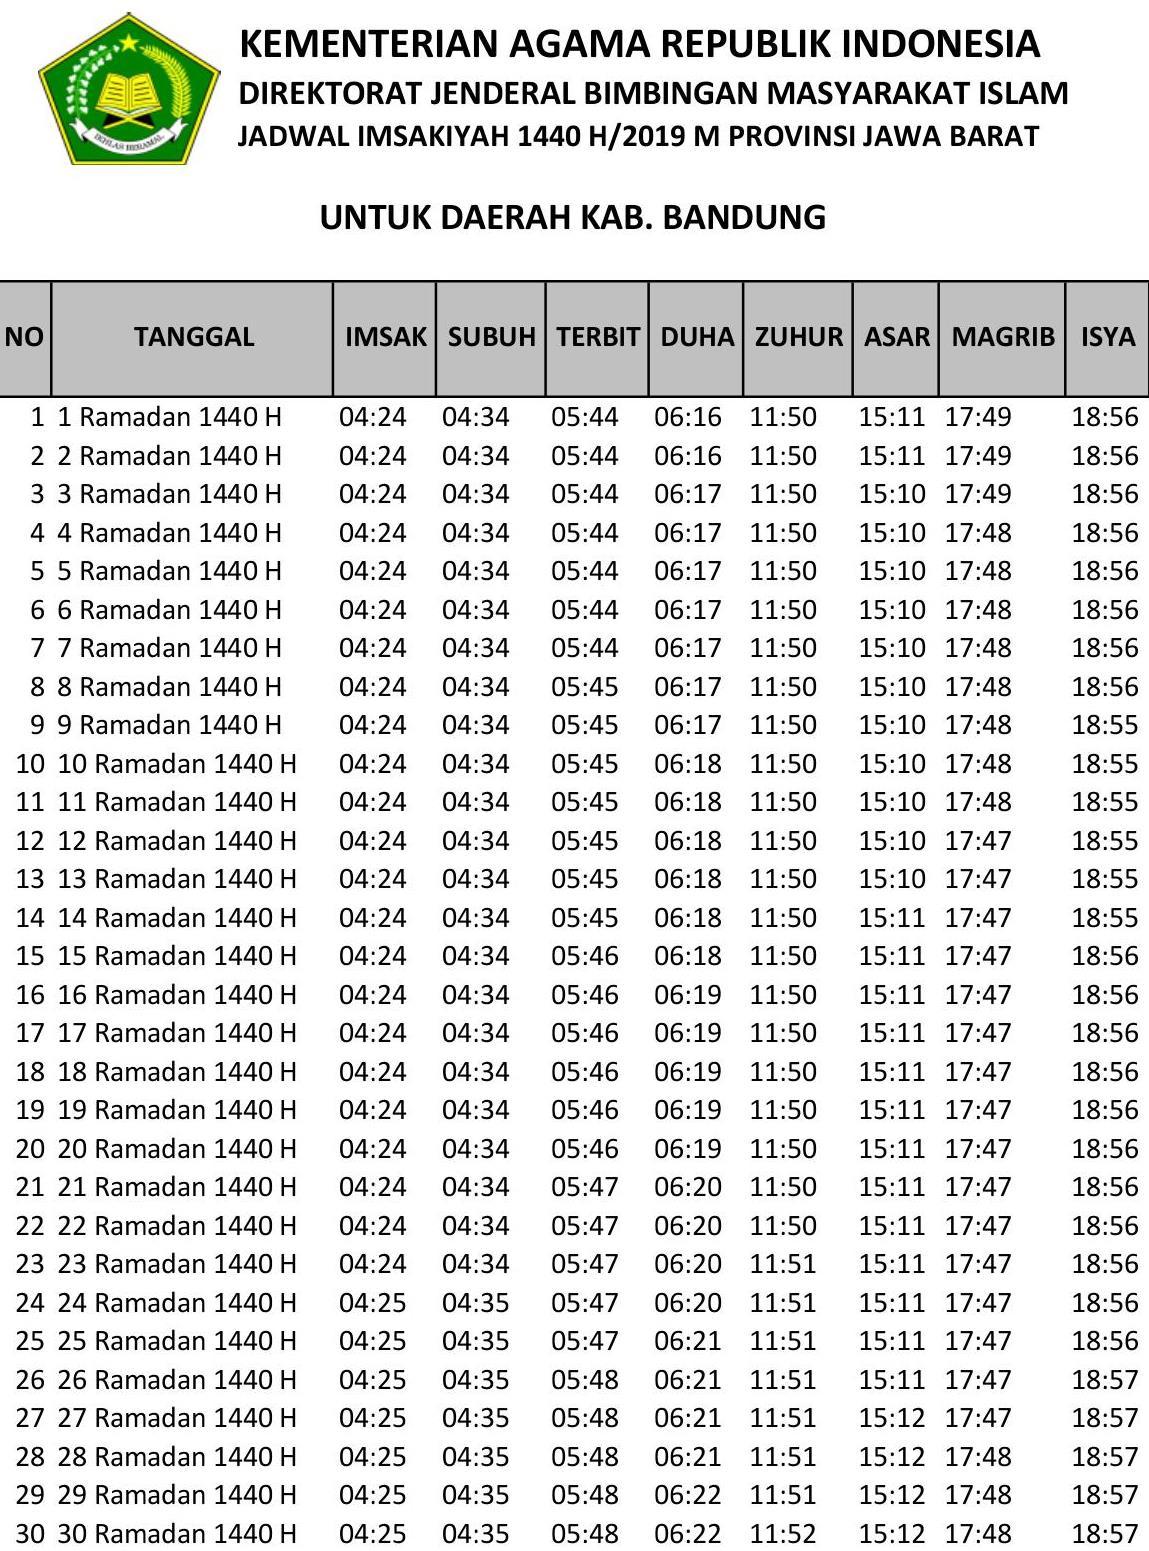 Jadwal Sholat dan Imsakiyah Kabupaten Bandung-Ramadhan 2019-Waktu Maghrib, Waktu Imsak, dan Waktu Shubuh di Wilayah Kabupaten Bandung dan Sekitarnya-Bulan Puasa 2019-1440 Hijriyah.